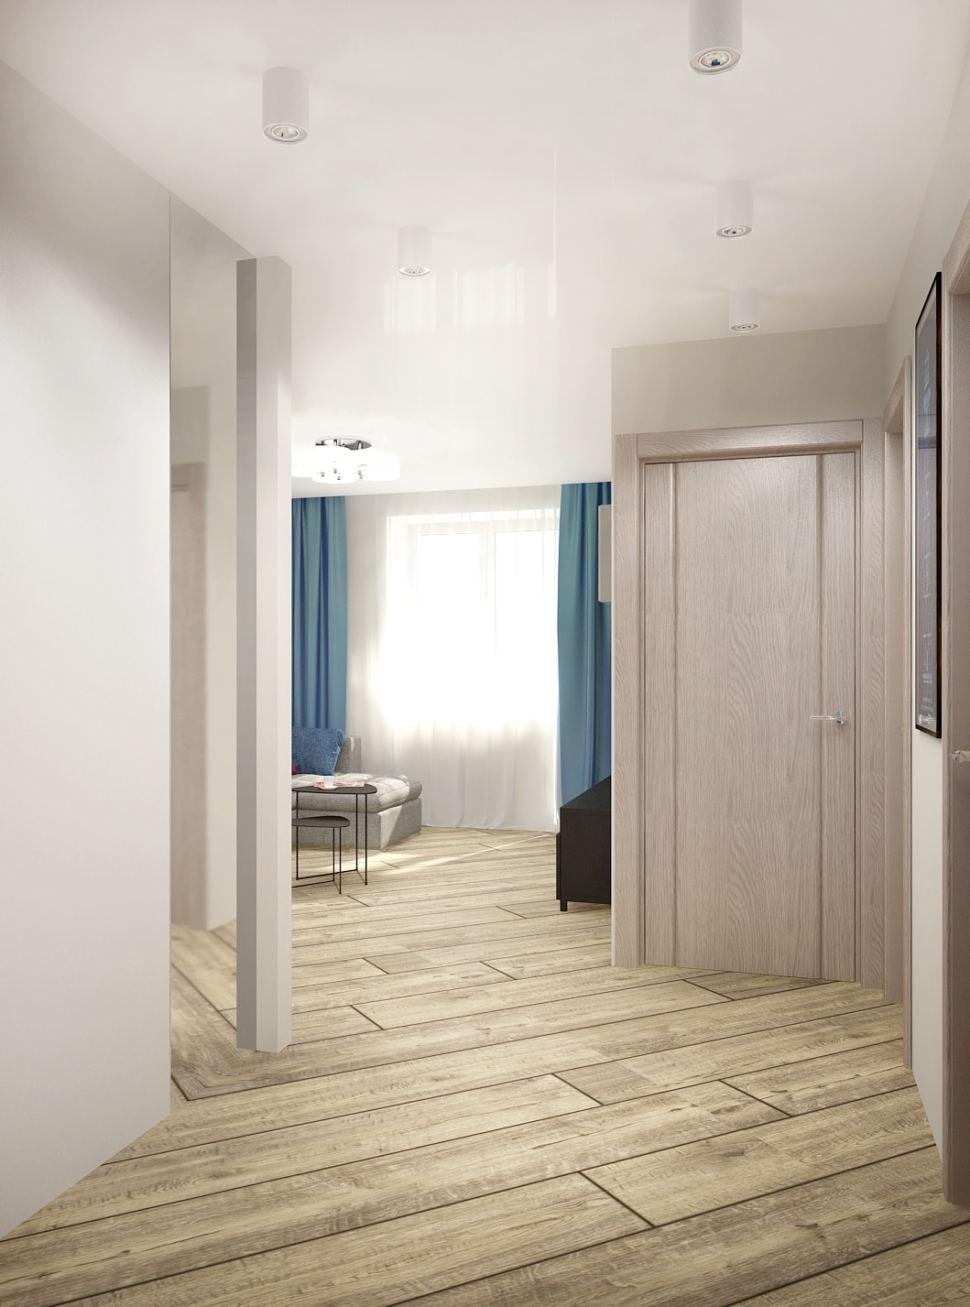 Дизайн-проект коридора в светлых тонах 5 кв.м, бежевый ламинат, белые накладные светильники, зеркало, декор, синие портьеры